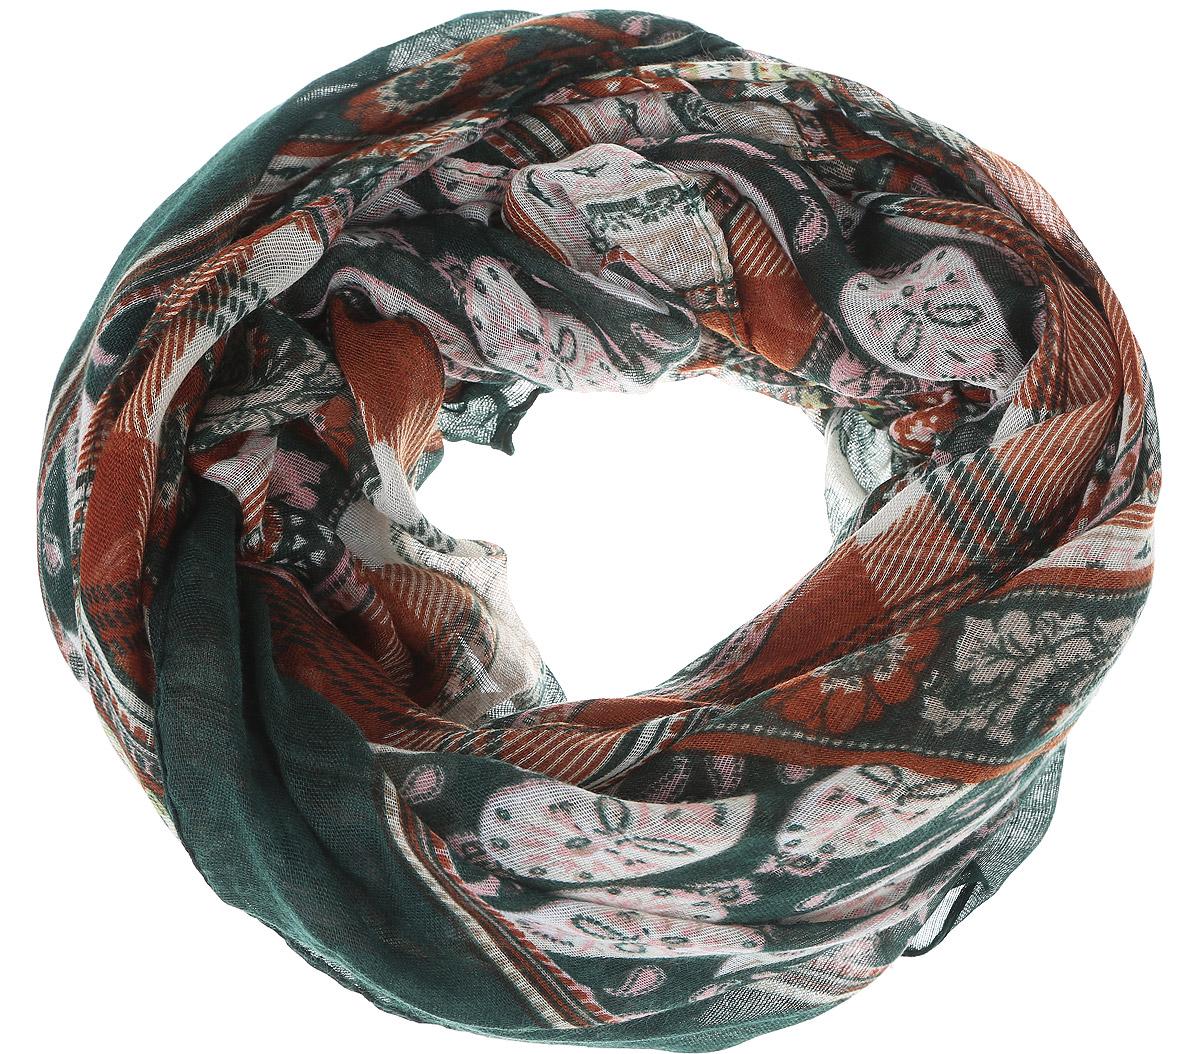 Шарф женский Baon, цвет: зеленый, бежевый, коричневый. B313. Размер 180 см х 80 смB313_Deep Forest PrintedМодный женский шарф Baon подарит вам уют и станет стильным аксессуаром, который призван подчеркнуть вашу индивидуальность и женственность. Легкий шарф выполнен из вискозы с добавлением шелка, он невероятно мягкий и приятный на ощупь. Шарф оформлен этническим орнаментом.Этот модный аксессуар гармонично дополнит образ современной женщины, следящей за своим имиджем и стремящейся всегда оставаться стильной и элегантной. Такой шарф украсит любой наряд и согреет вас в непогоду, с ним вы всегда будете выглядеть изысканно и оригинально.